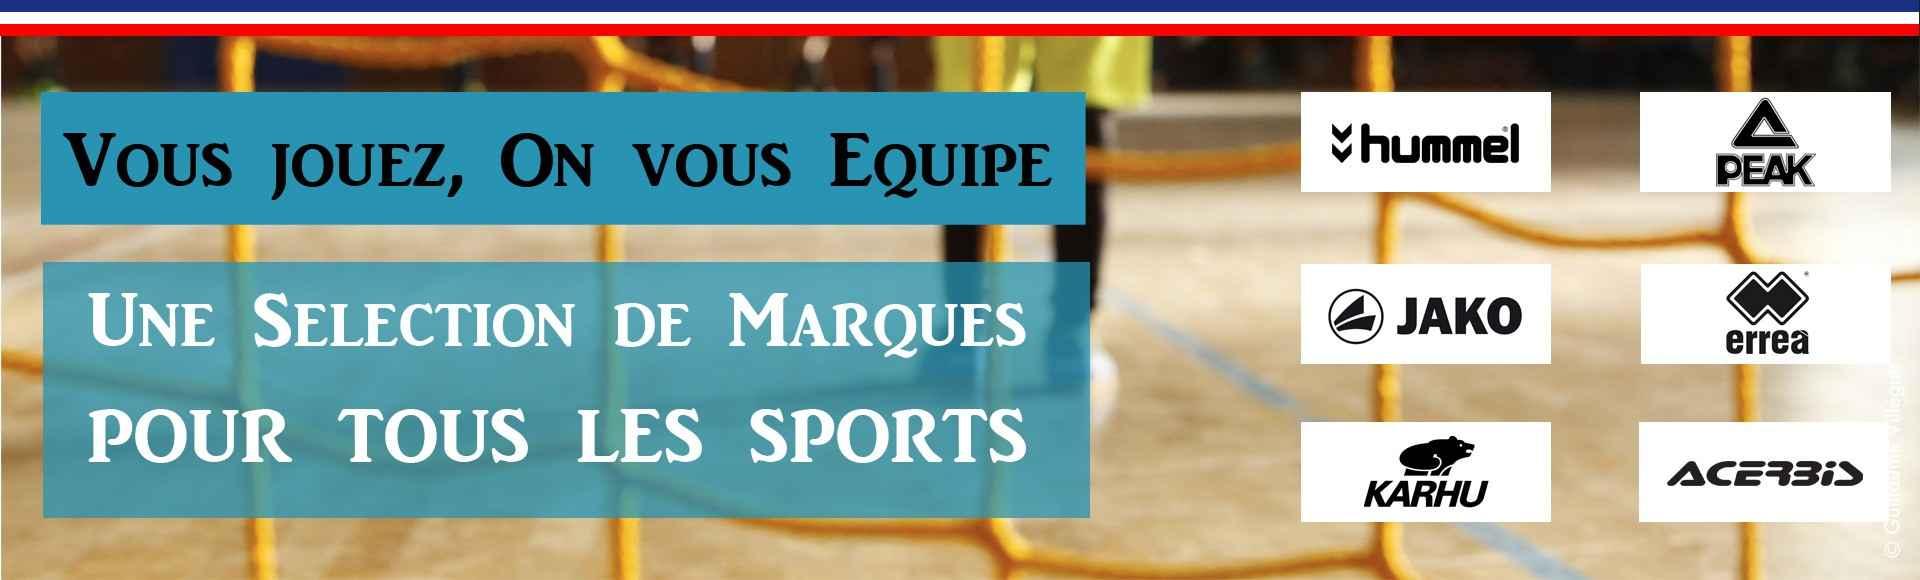 Equipement club personnalisé - tenue -maillot short chaussettes- pack